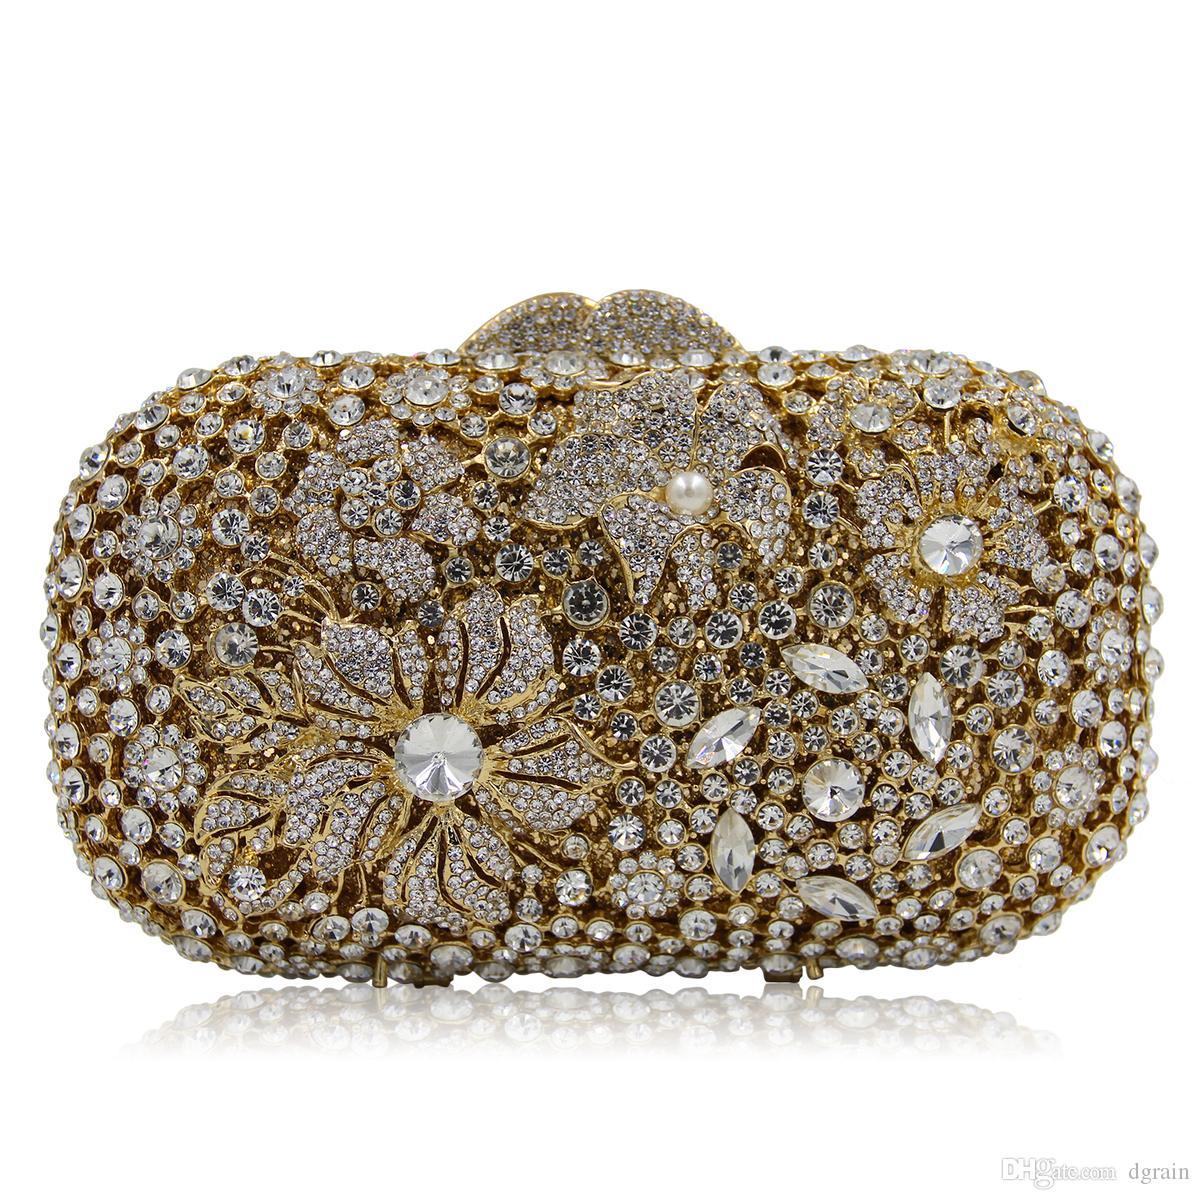 Dgrain Dazzling Kristall-Frauen-Abend-Handtasche-Box Handtaschen Diamant-Cocktail Hochzeit Kupplungen Braut Diamant-Geldbeutel Dinnder Handtasche Geldbeutel